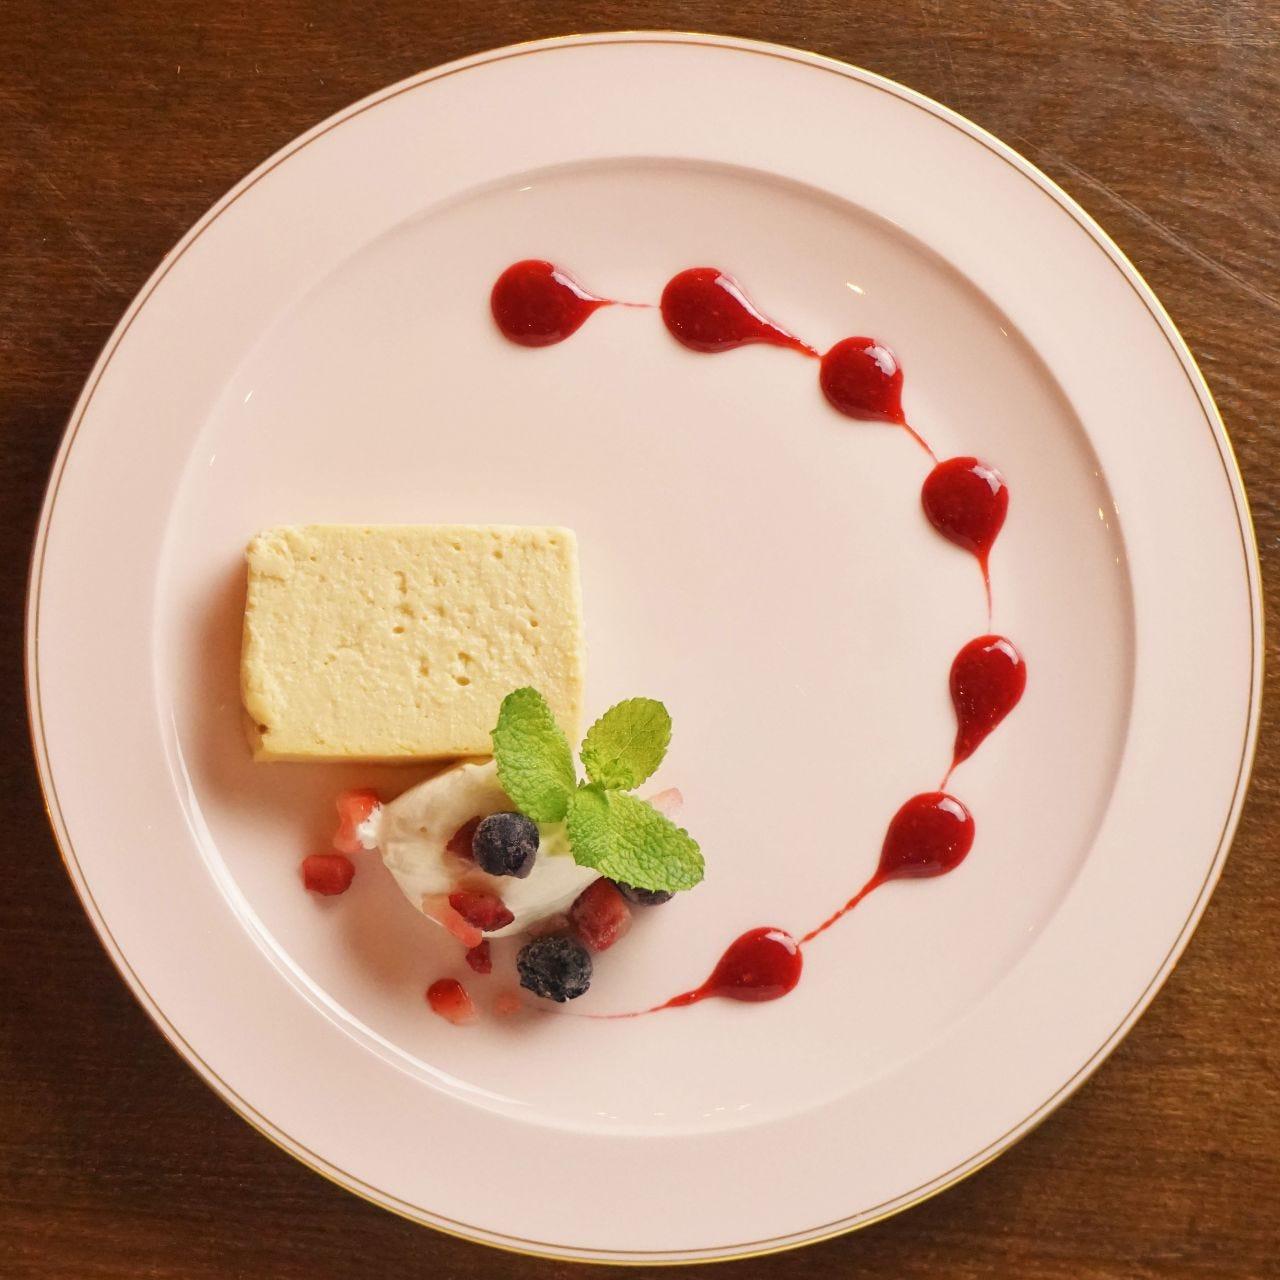 仙波豆腐のベイクドチーズケーキ